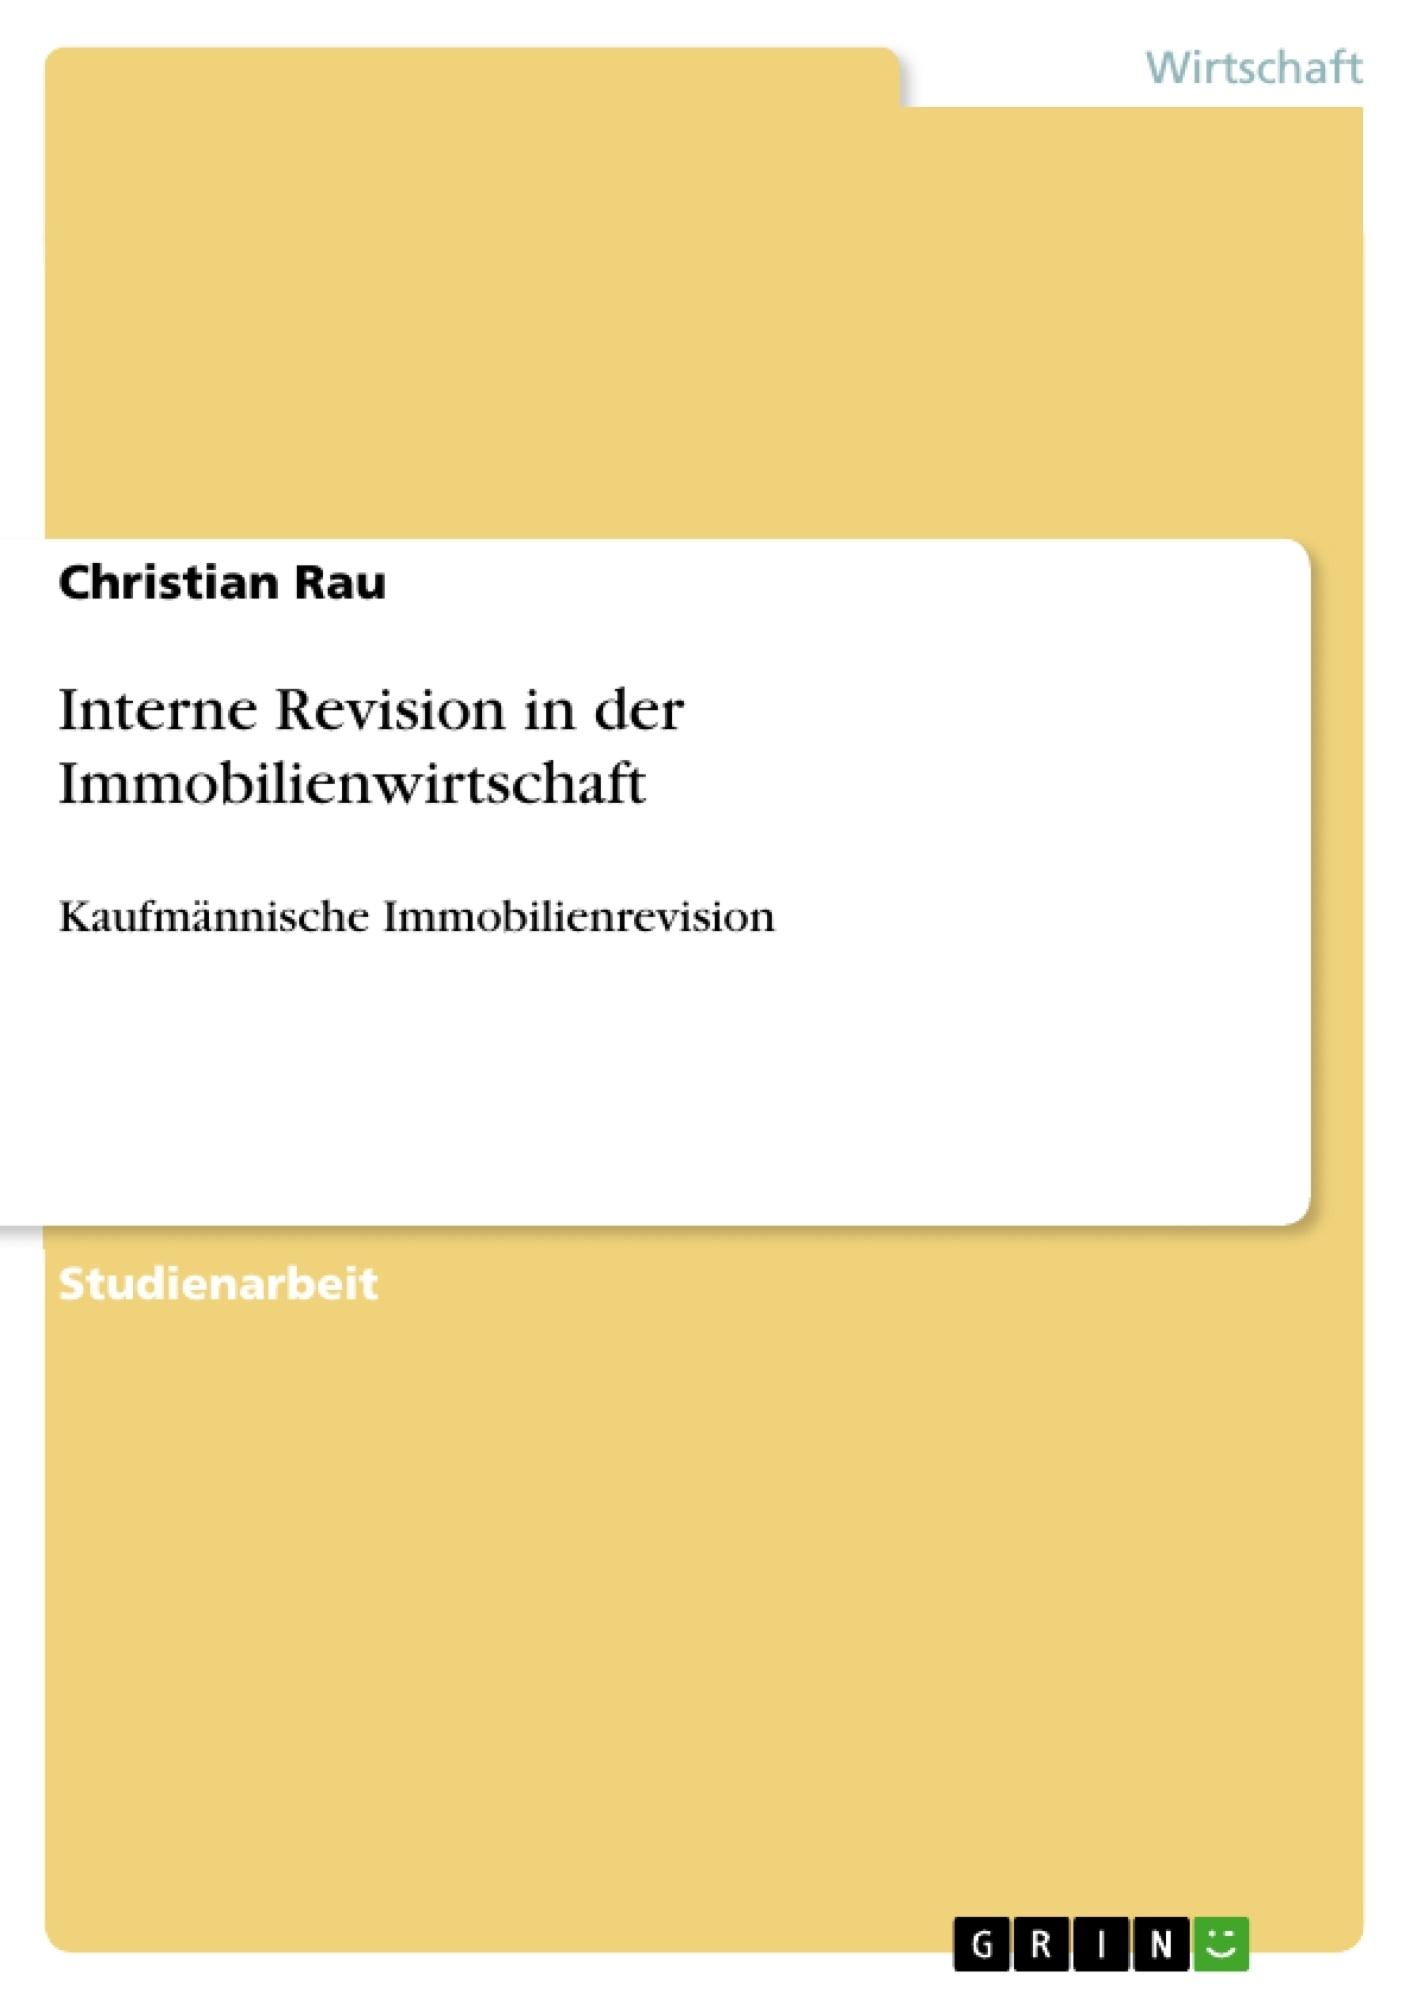 Titel: Interne Revision in der Immobilienwirtschaft